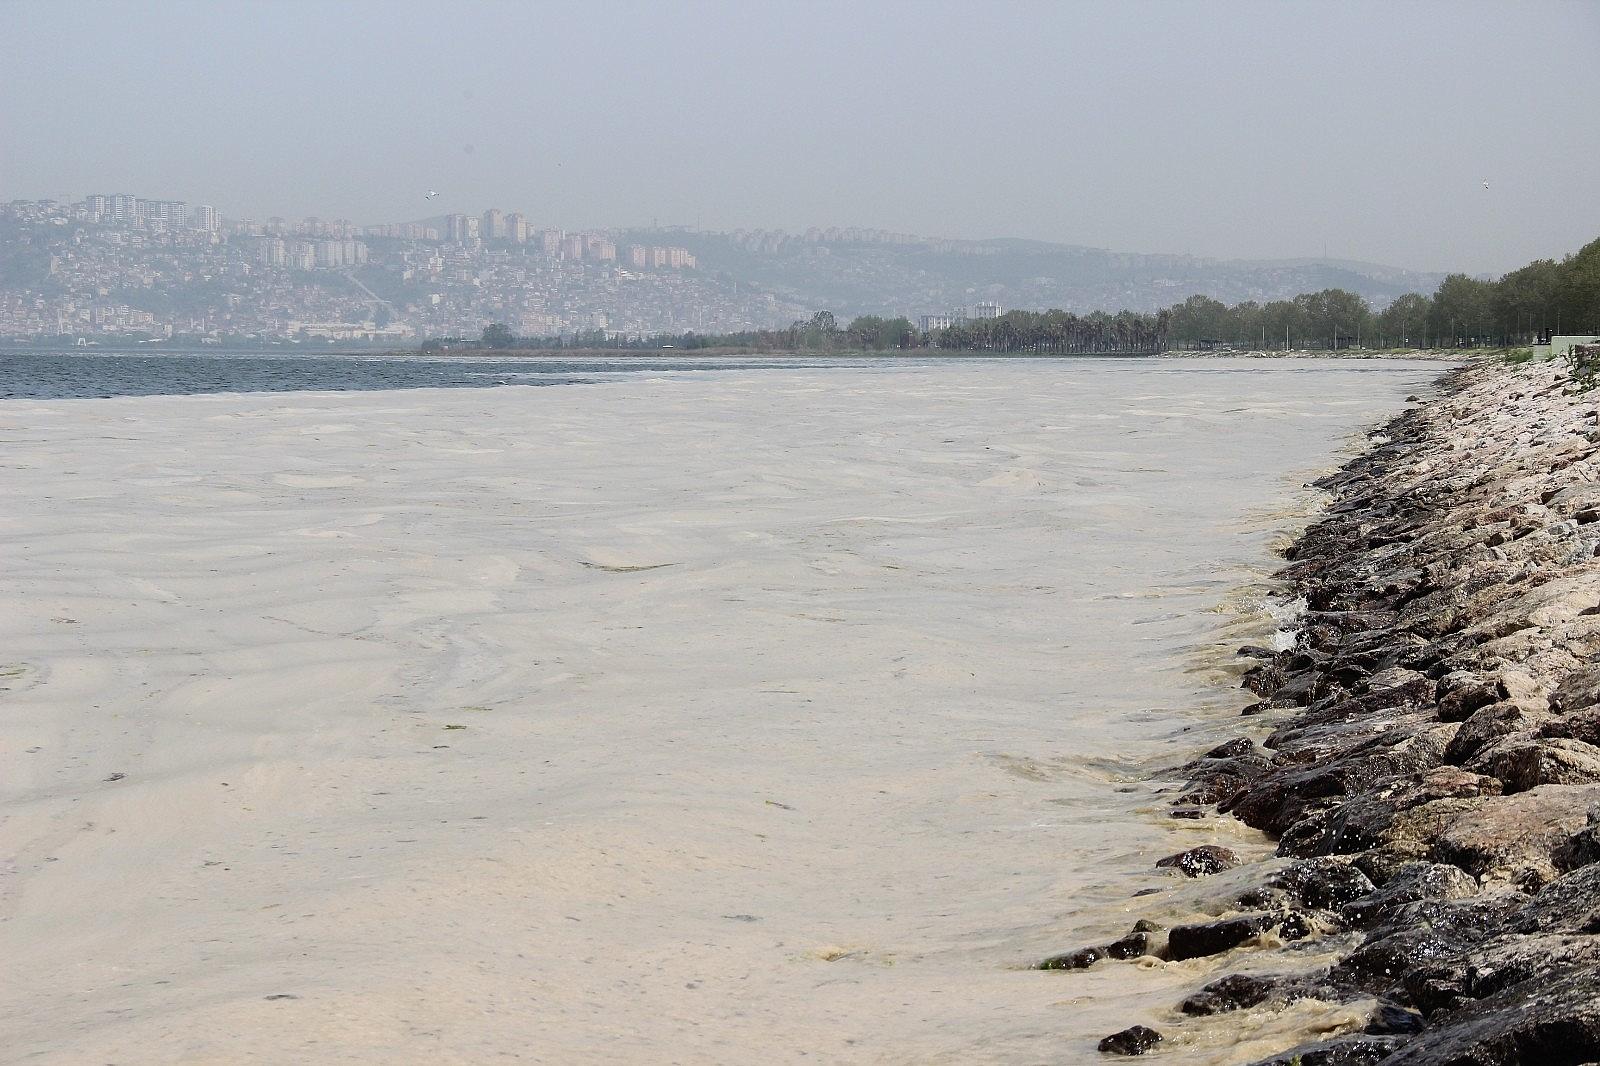 2021/05/izmit-korfezinde-deniz-salyasi-istilasi-artarak-devam-ediyor-20210503AW31-4.jpg